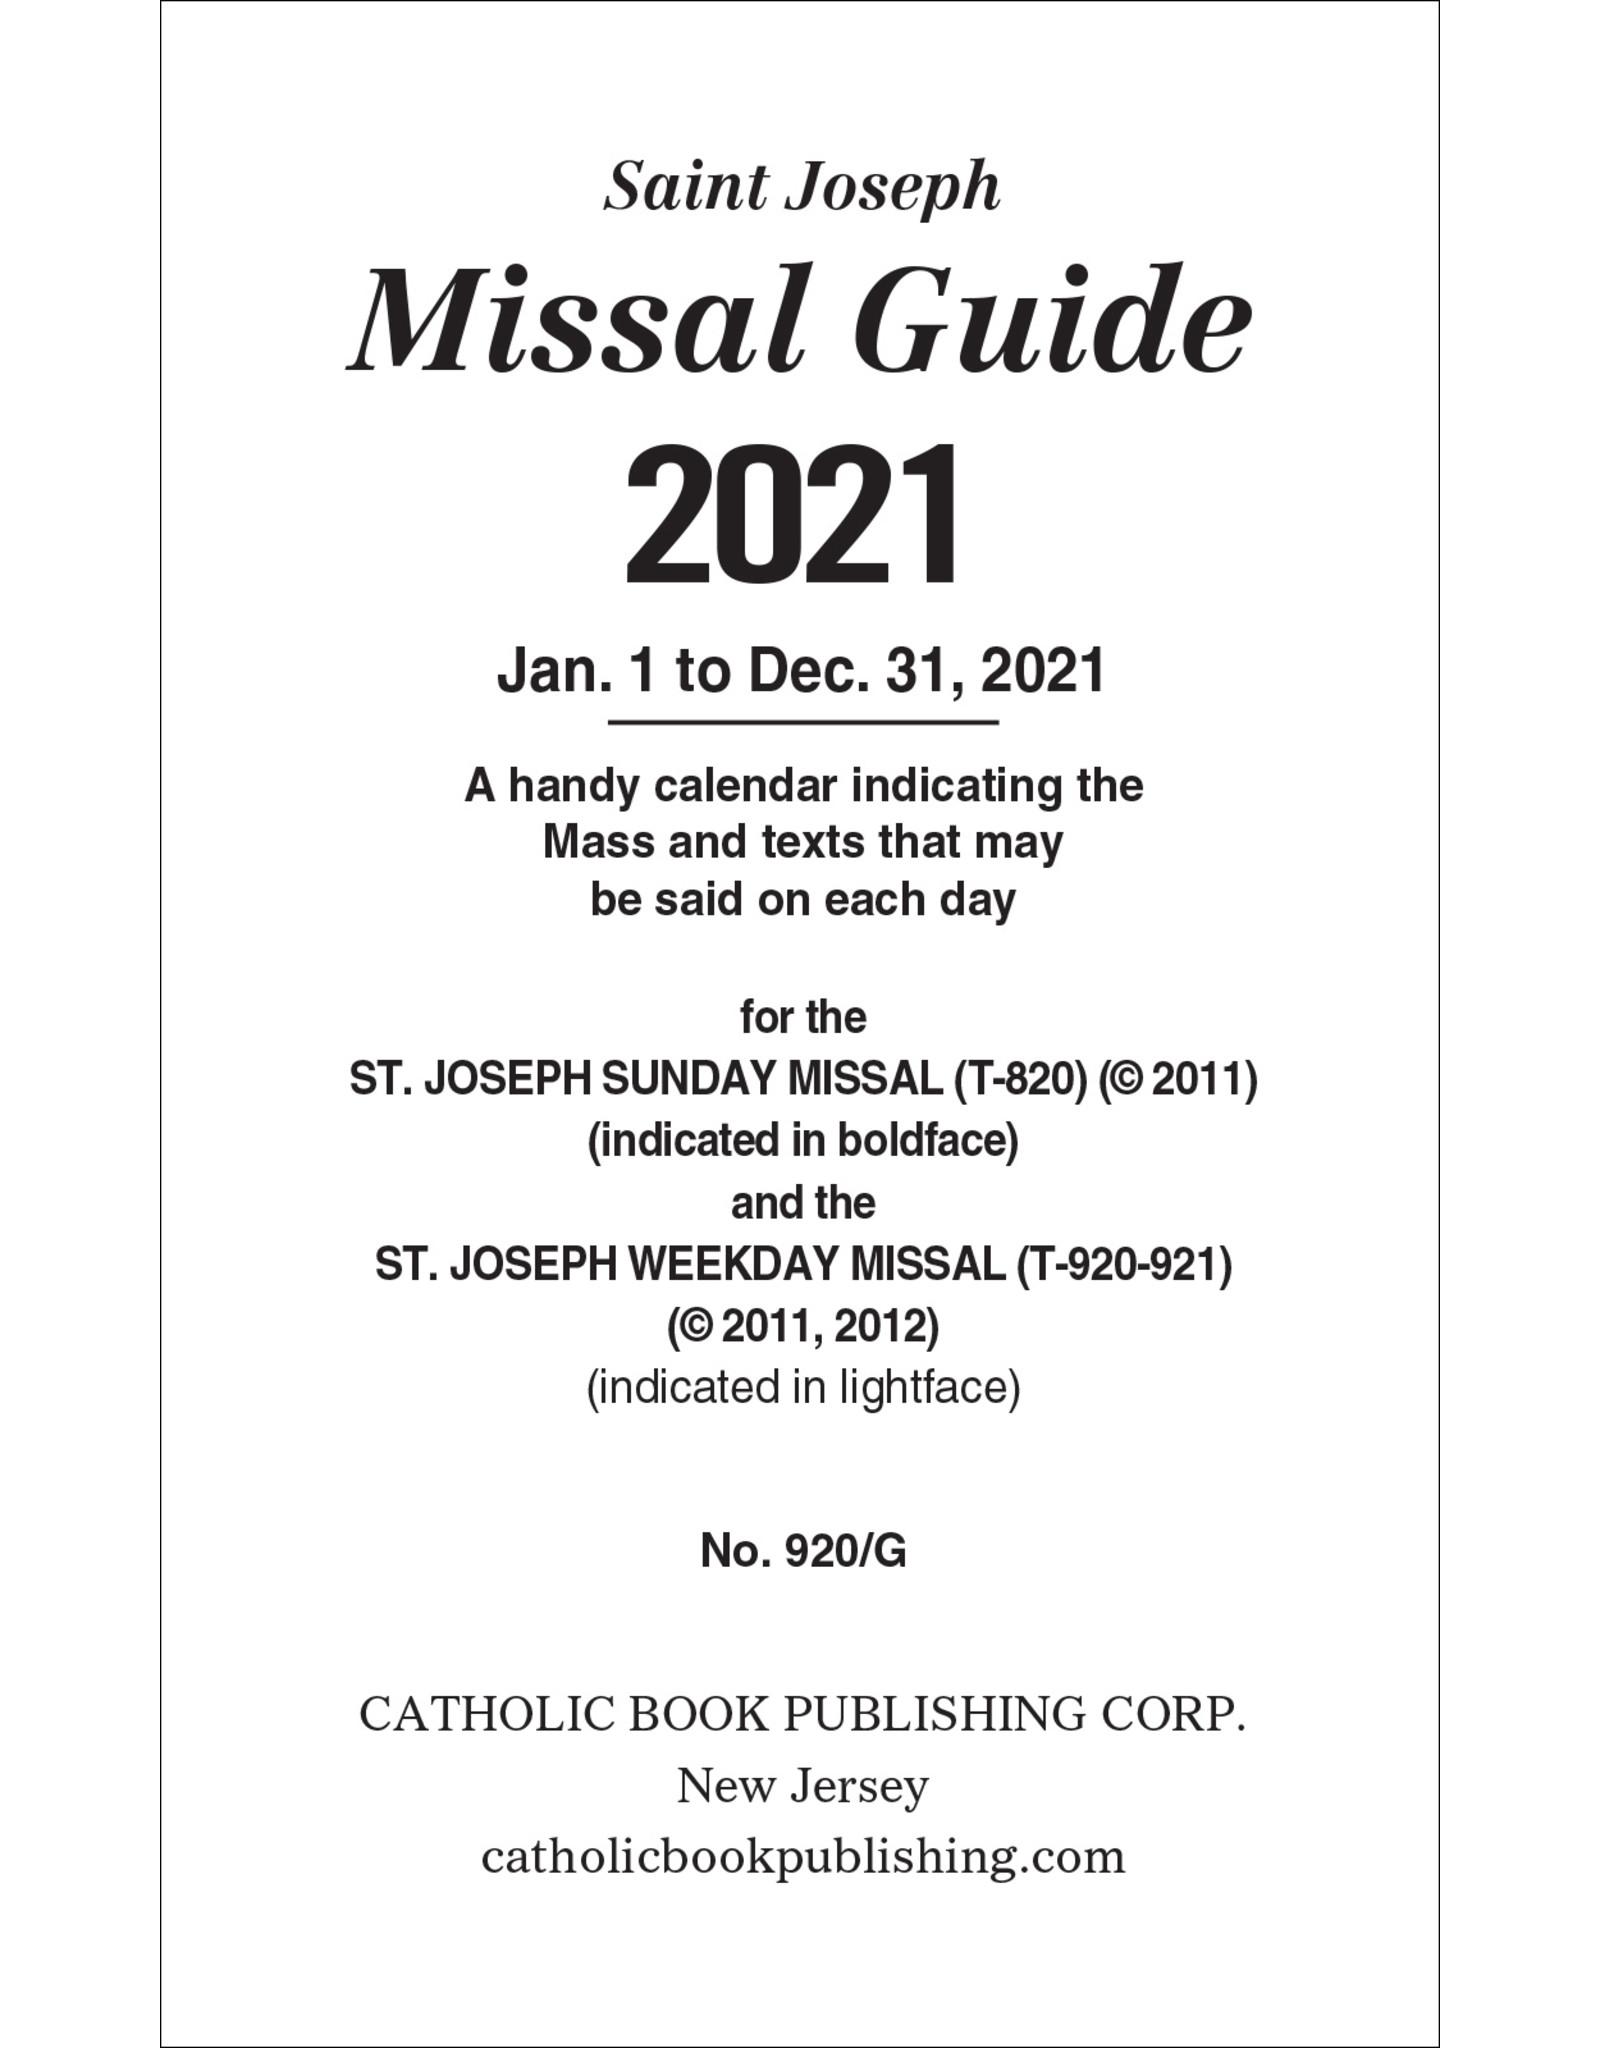 2021 GDE MISSAL 920/G